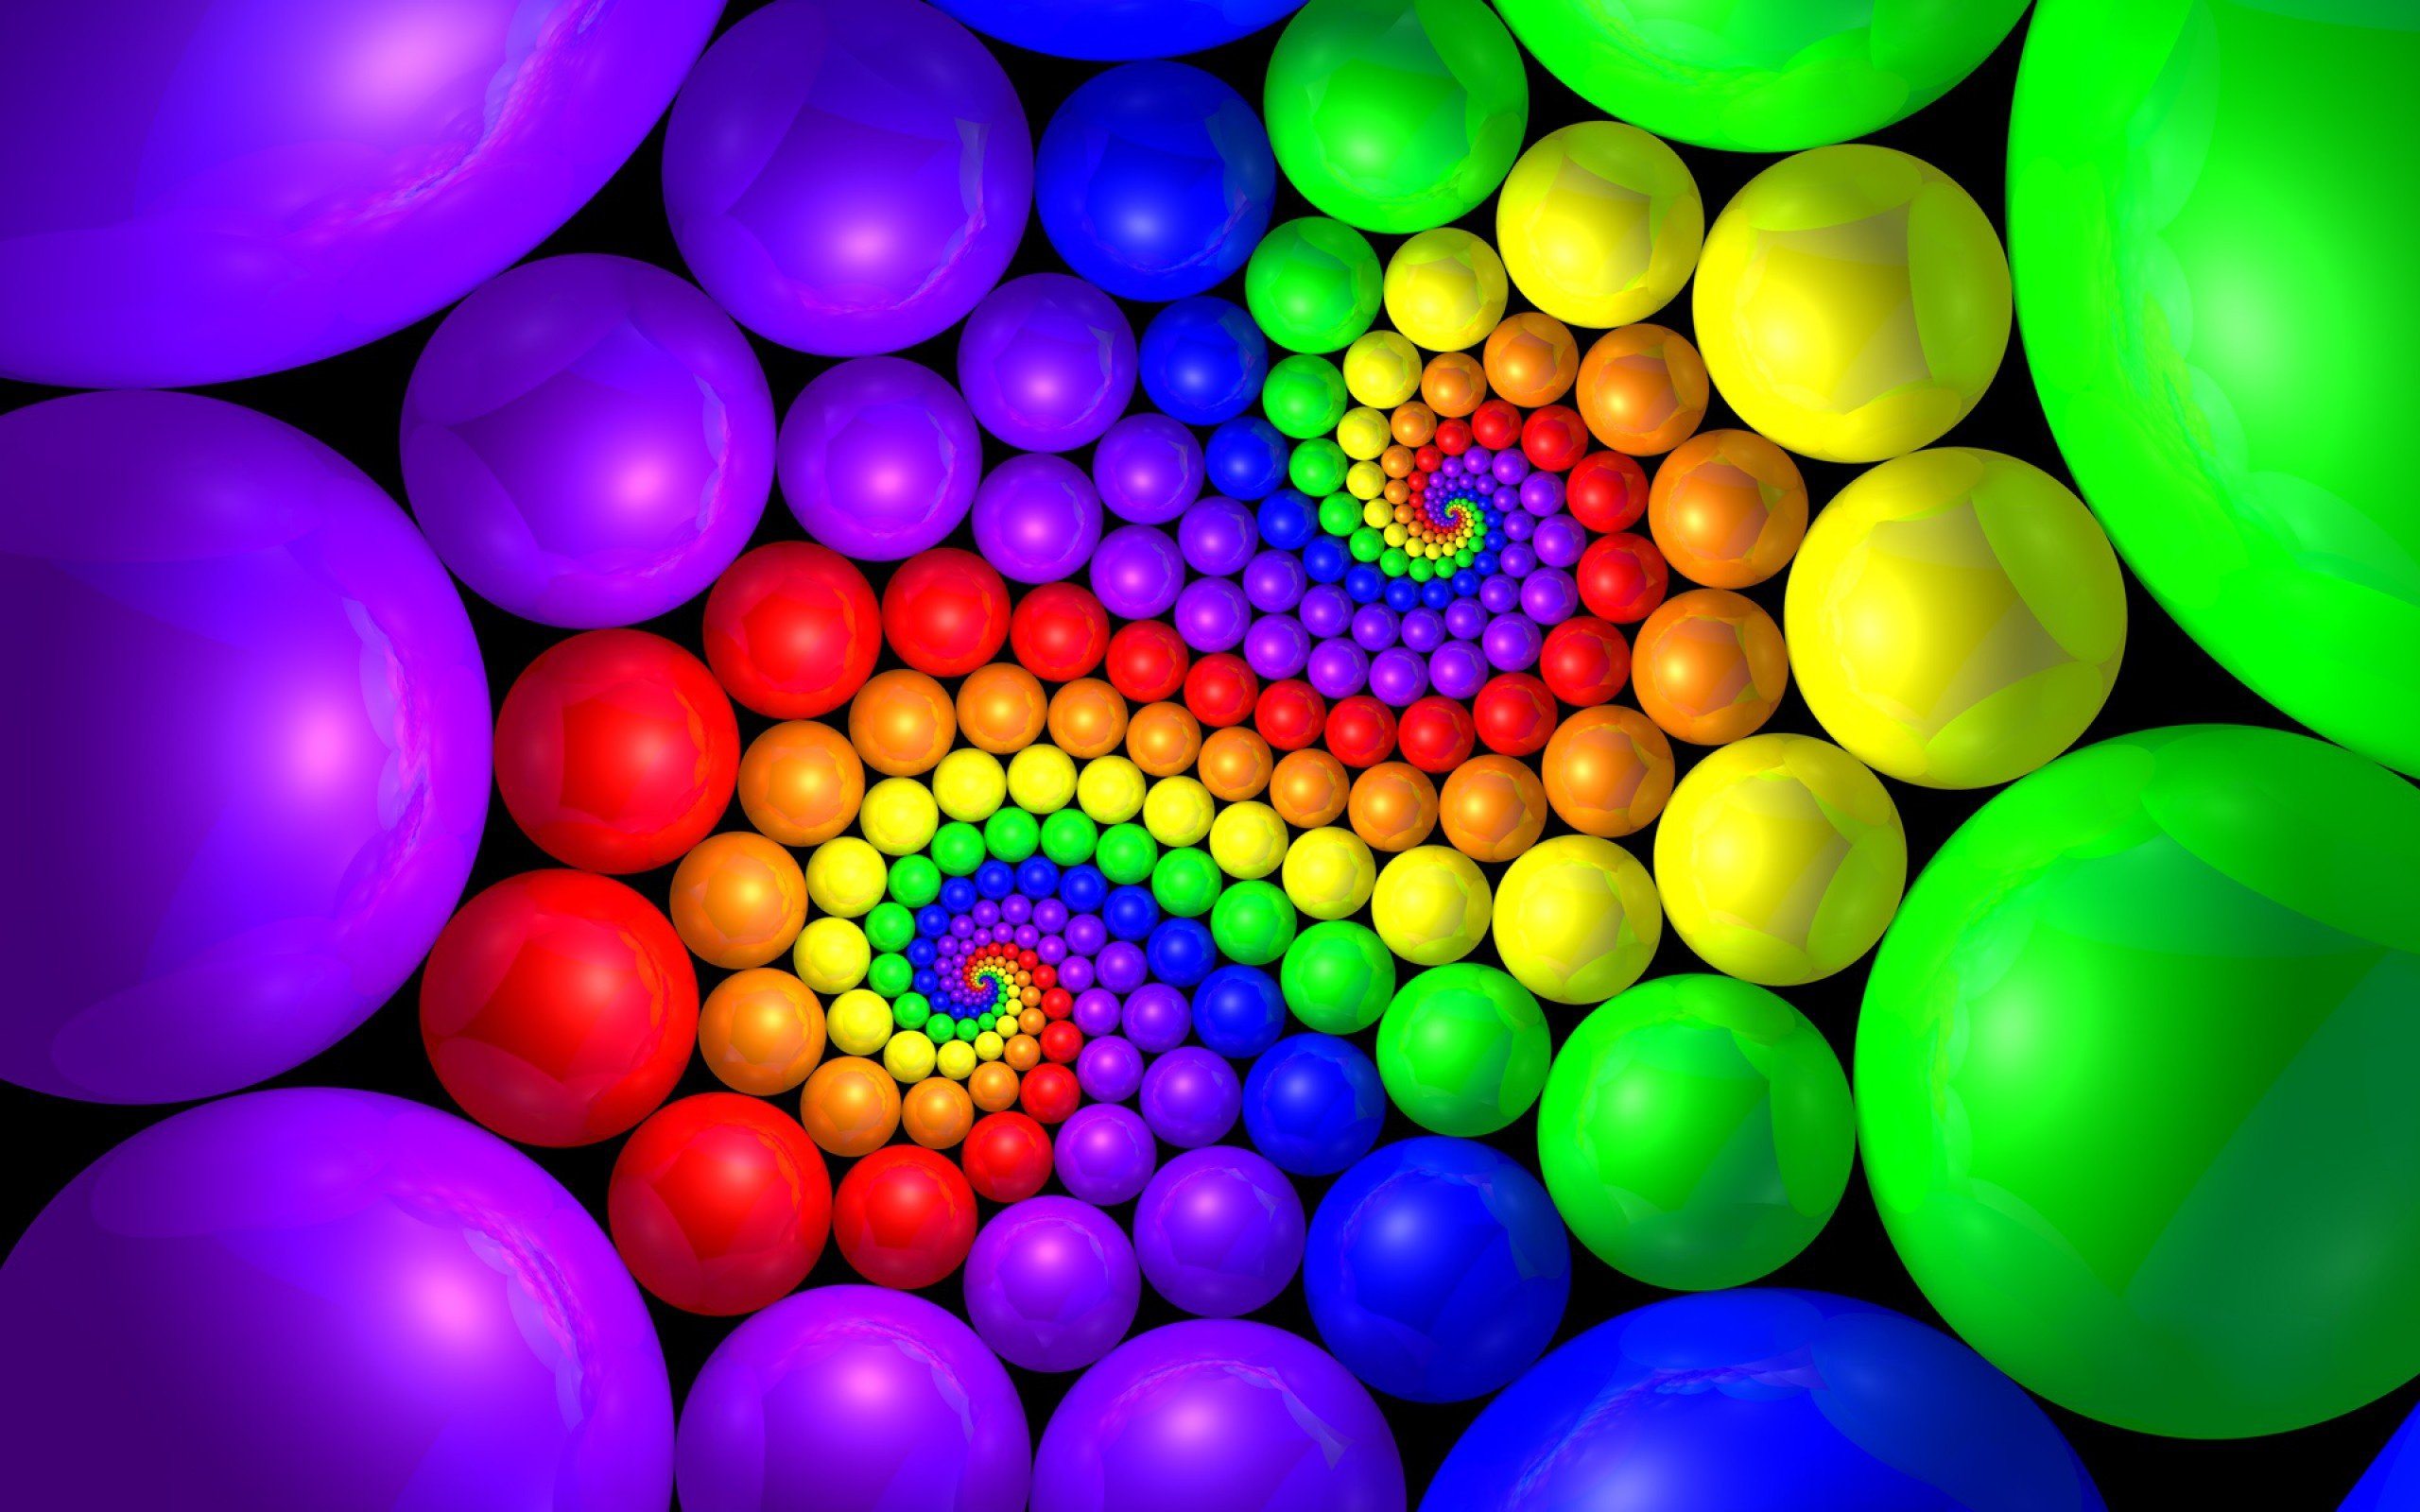 3D HD Color Wallpapers - WallpaperSafari